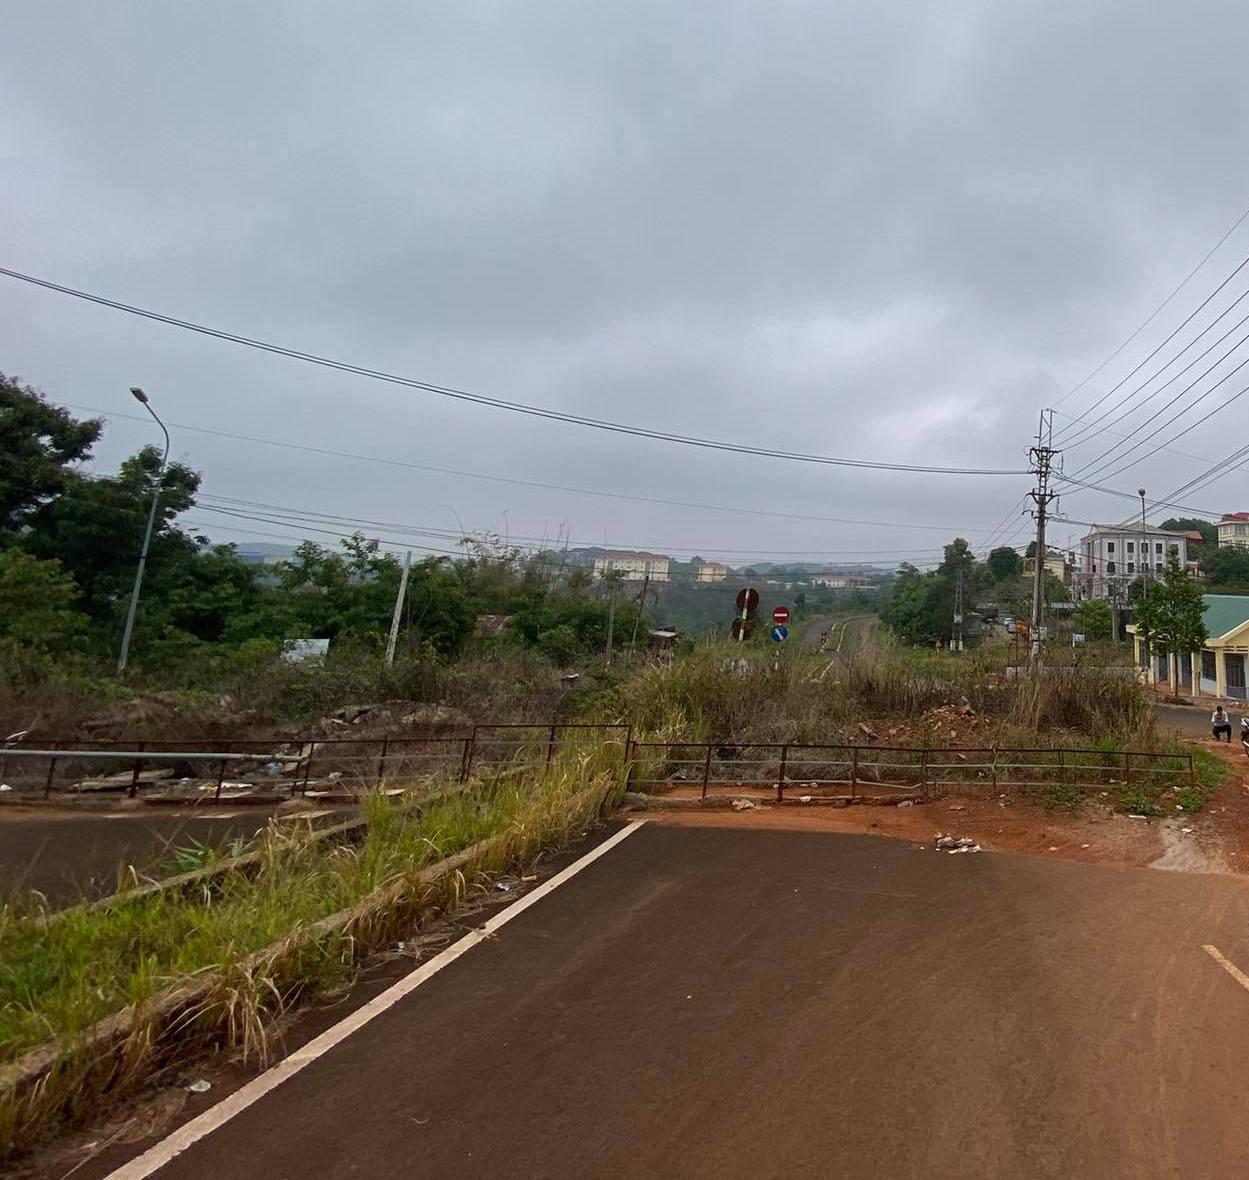 Gần 230 tỷ đồng xây dựng khu dân cư dọc tuyến đường sụt lún ở Đắk Nông? - Ảnh 1.